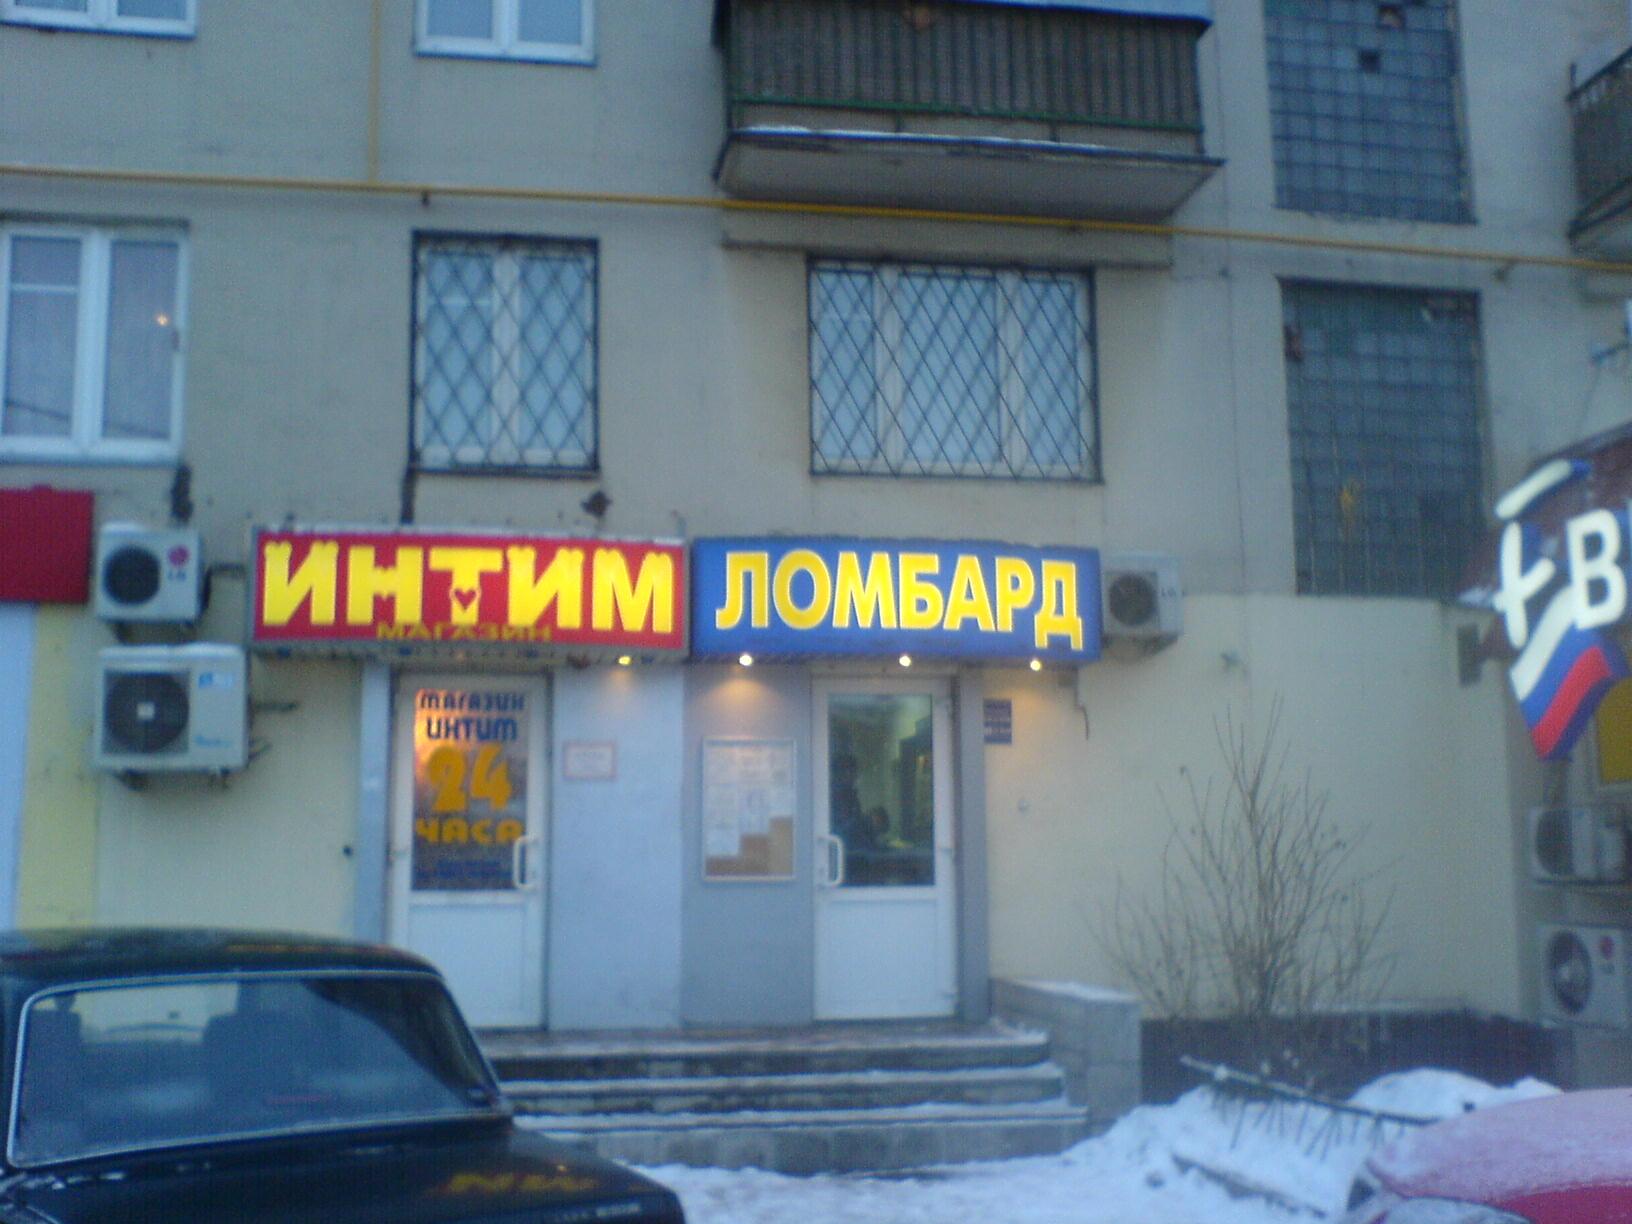 Адреса магазинов интим товаров 6 фотография